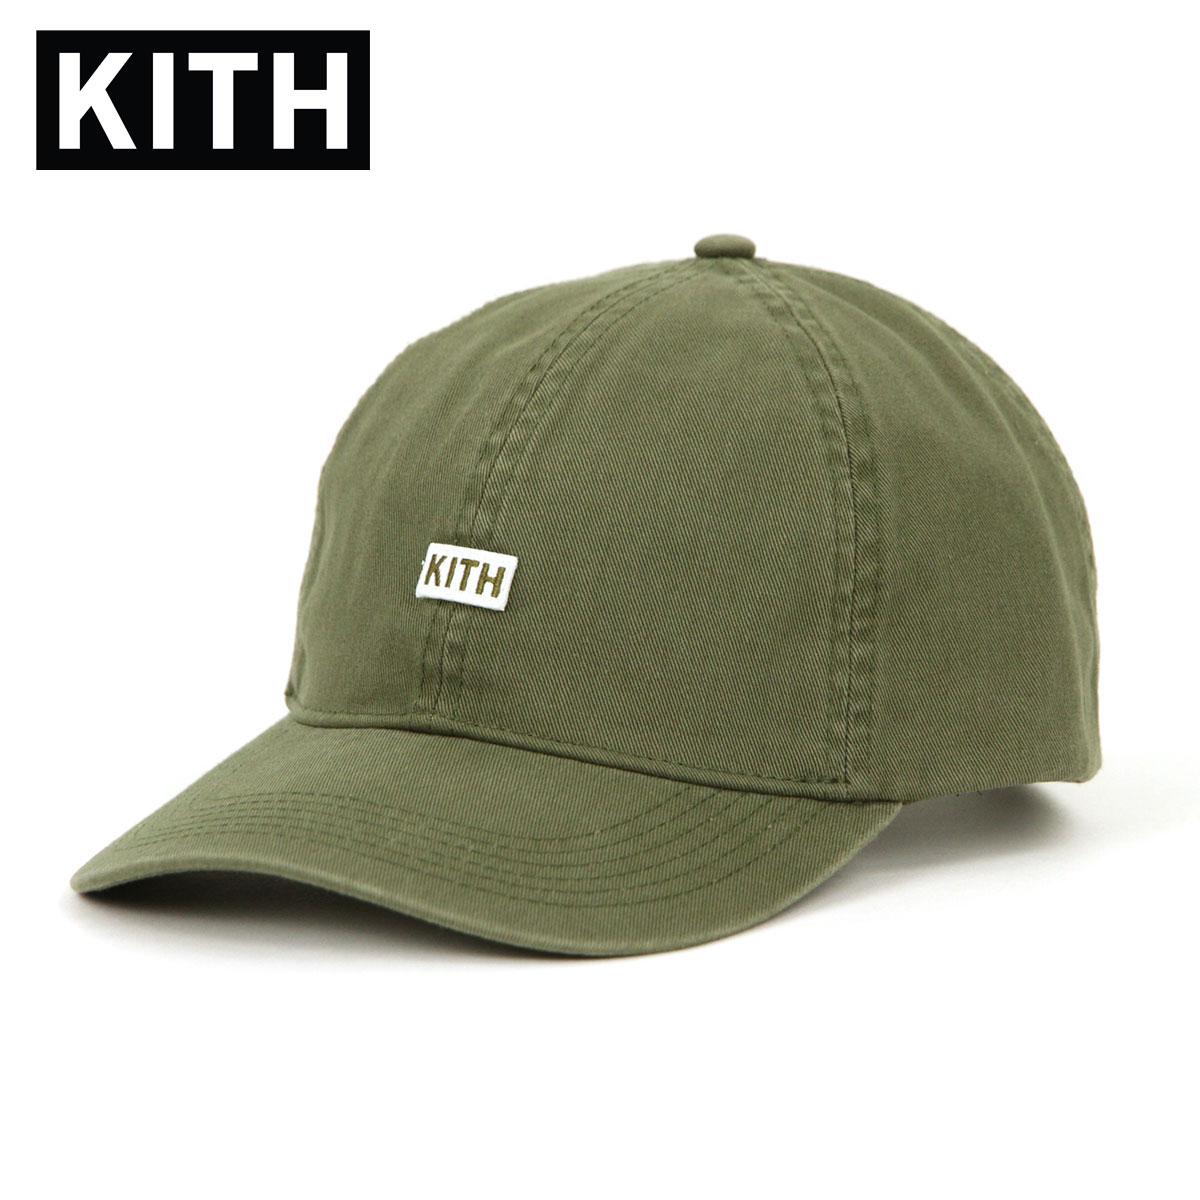 キス キャップ メンズ 正規品 KITH 帽子 帽子 KITH BL TWILL DAD CAP HAT KH5190-106 OLIVE 父の日